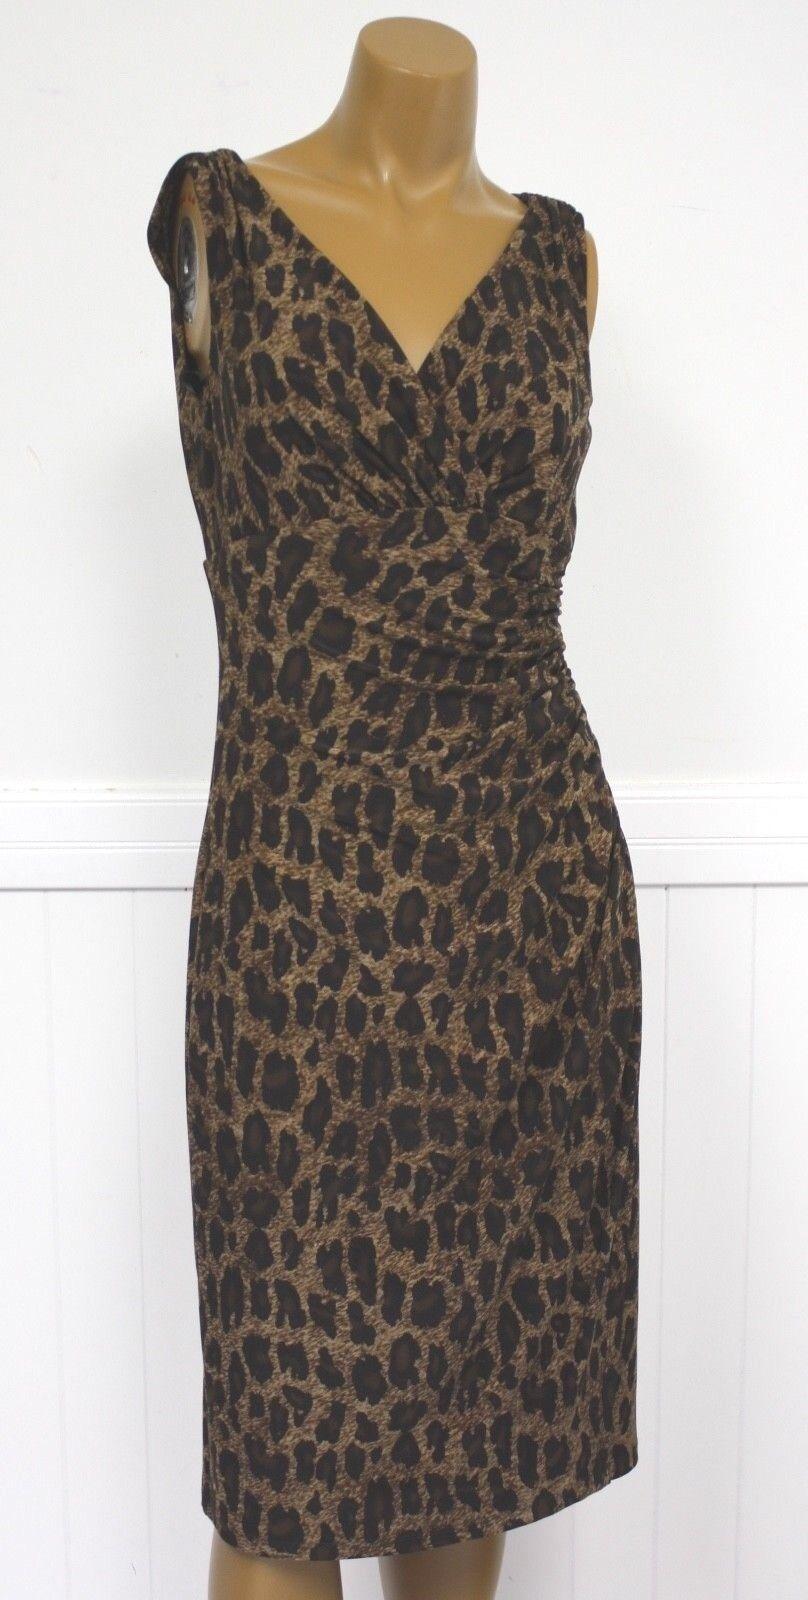 Ralph Lauren Dress braun Leopard Cheetah Animal Print Dress damen Ret 134